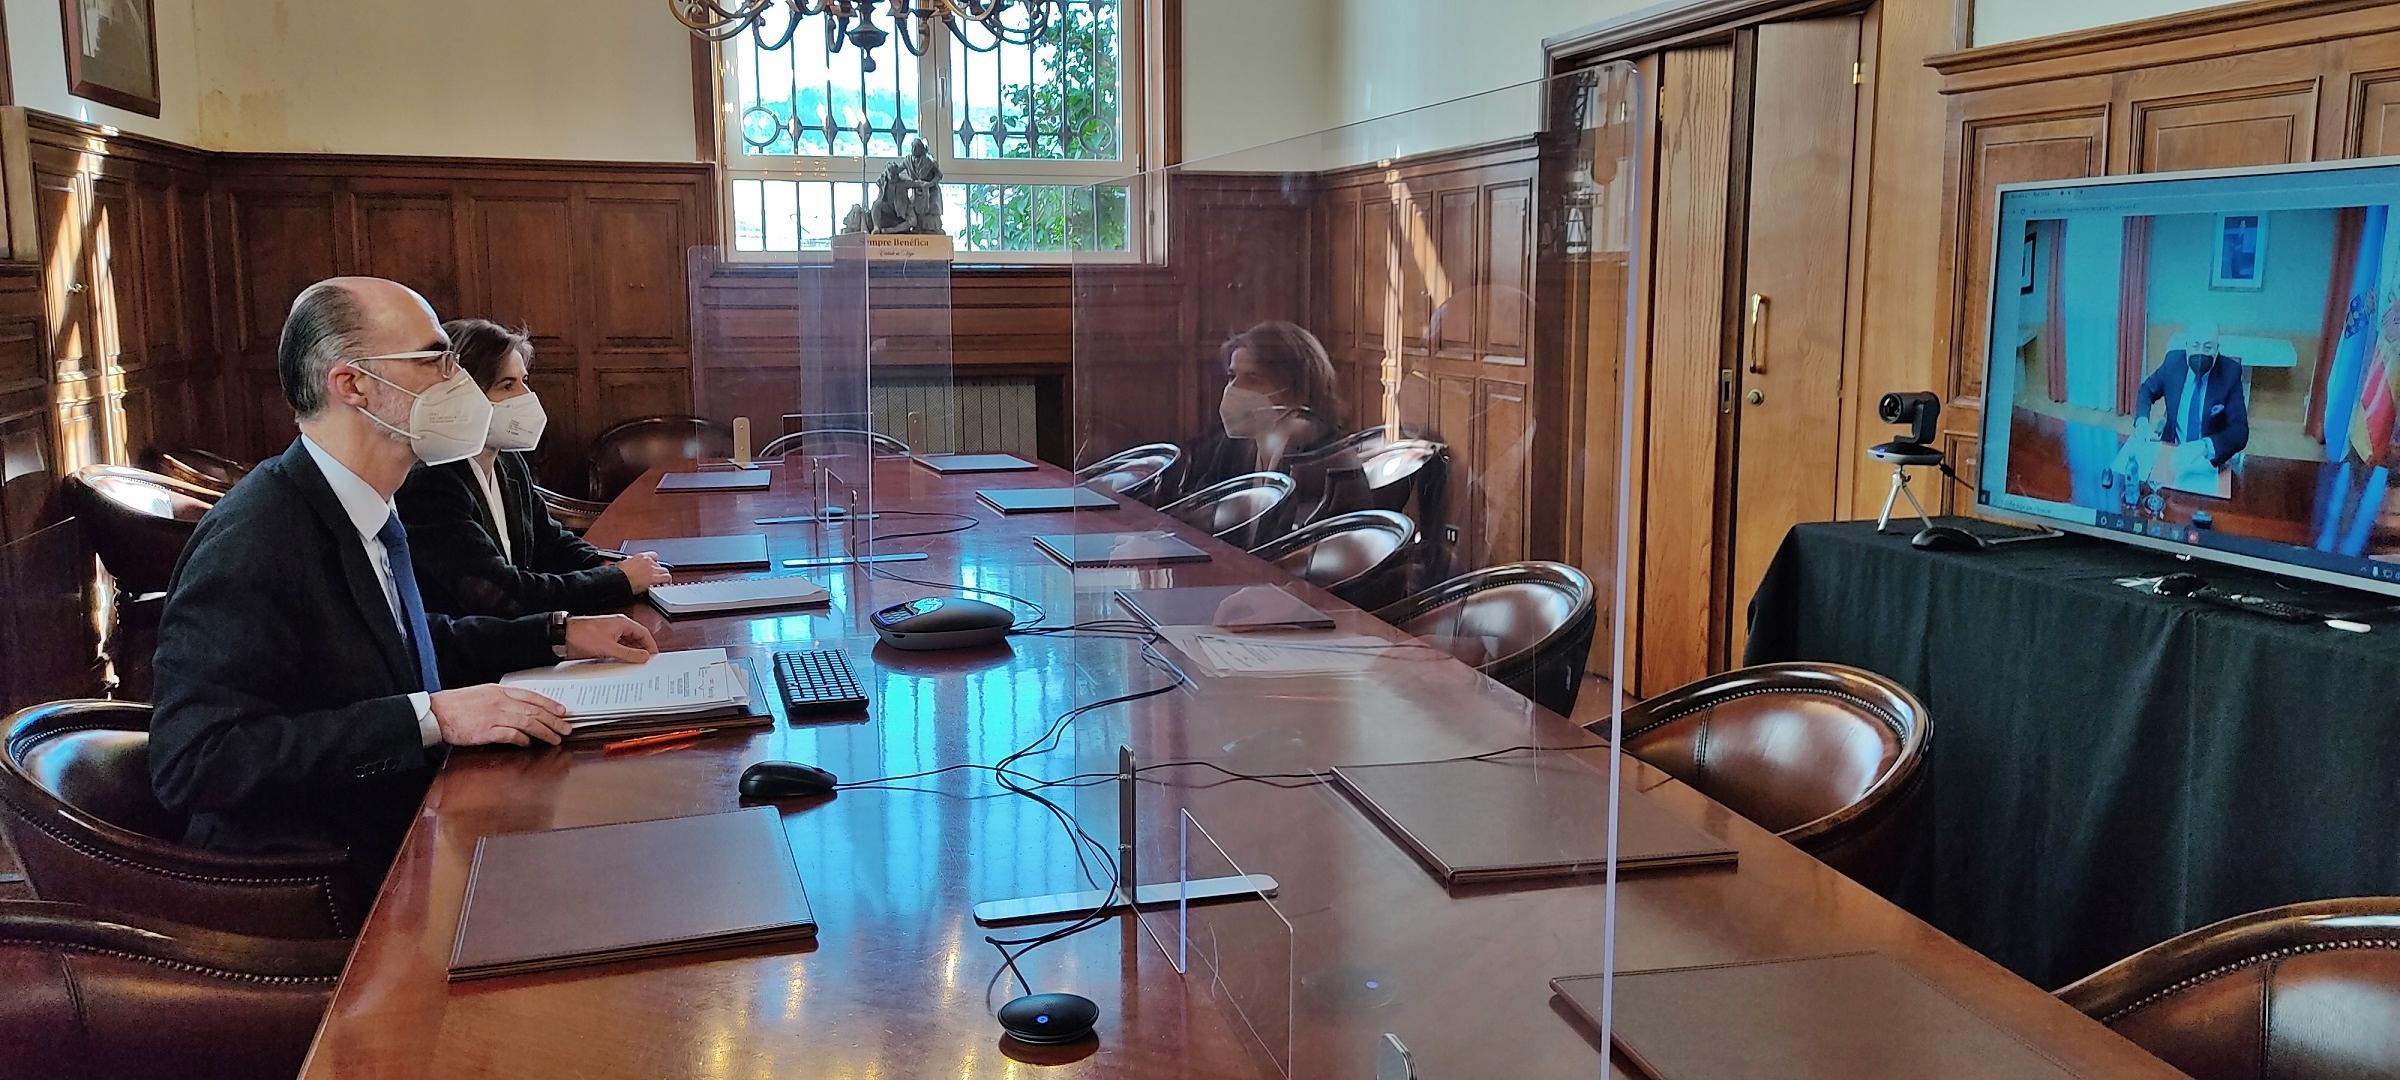 VÁZQUEZ ALMUÍÑA PLANTEA AL DELEGADO DEL GOBIERNO LA NECESIDAD DE LAS CONEXIONES FERROVIARIAS CON BOUZAS Y LA PLISAN Y MÁS FLEXIBILIDAD PARA HACER FRENTE A LAS CONSECUENCIAS DEL BREXIT